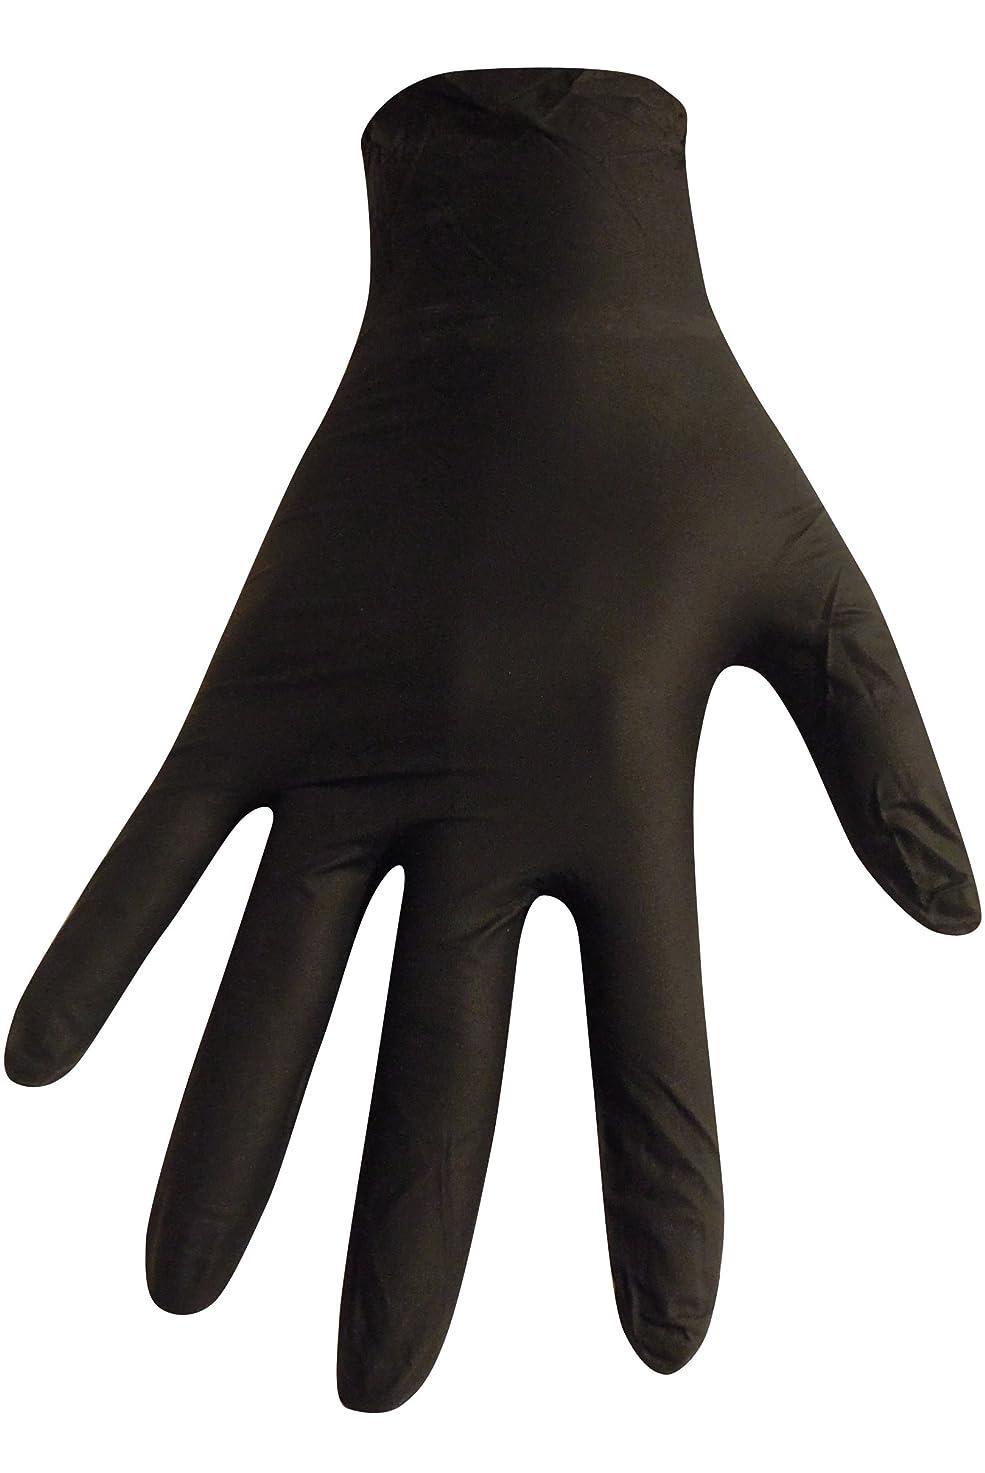 愛撫常習的常習的【5個セット】【箱なし発送】ニトリル極薄手袋 S?M?L 選べる4色(100枚入)(L, ブラック)